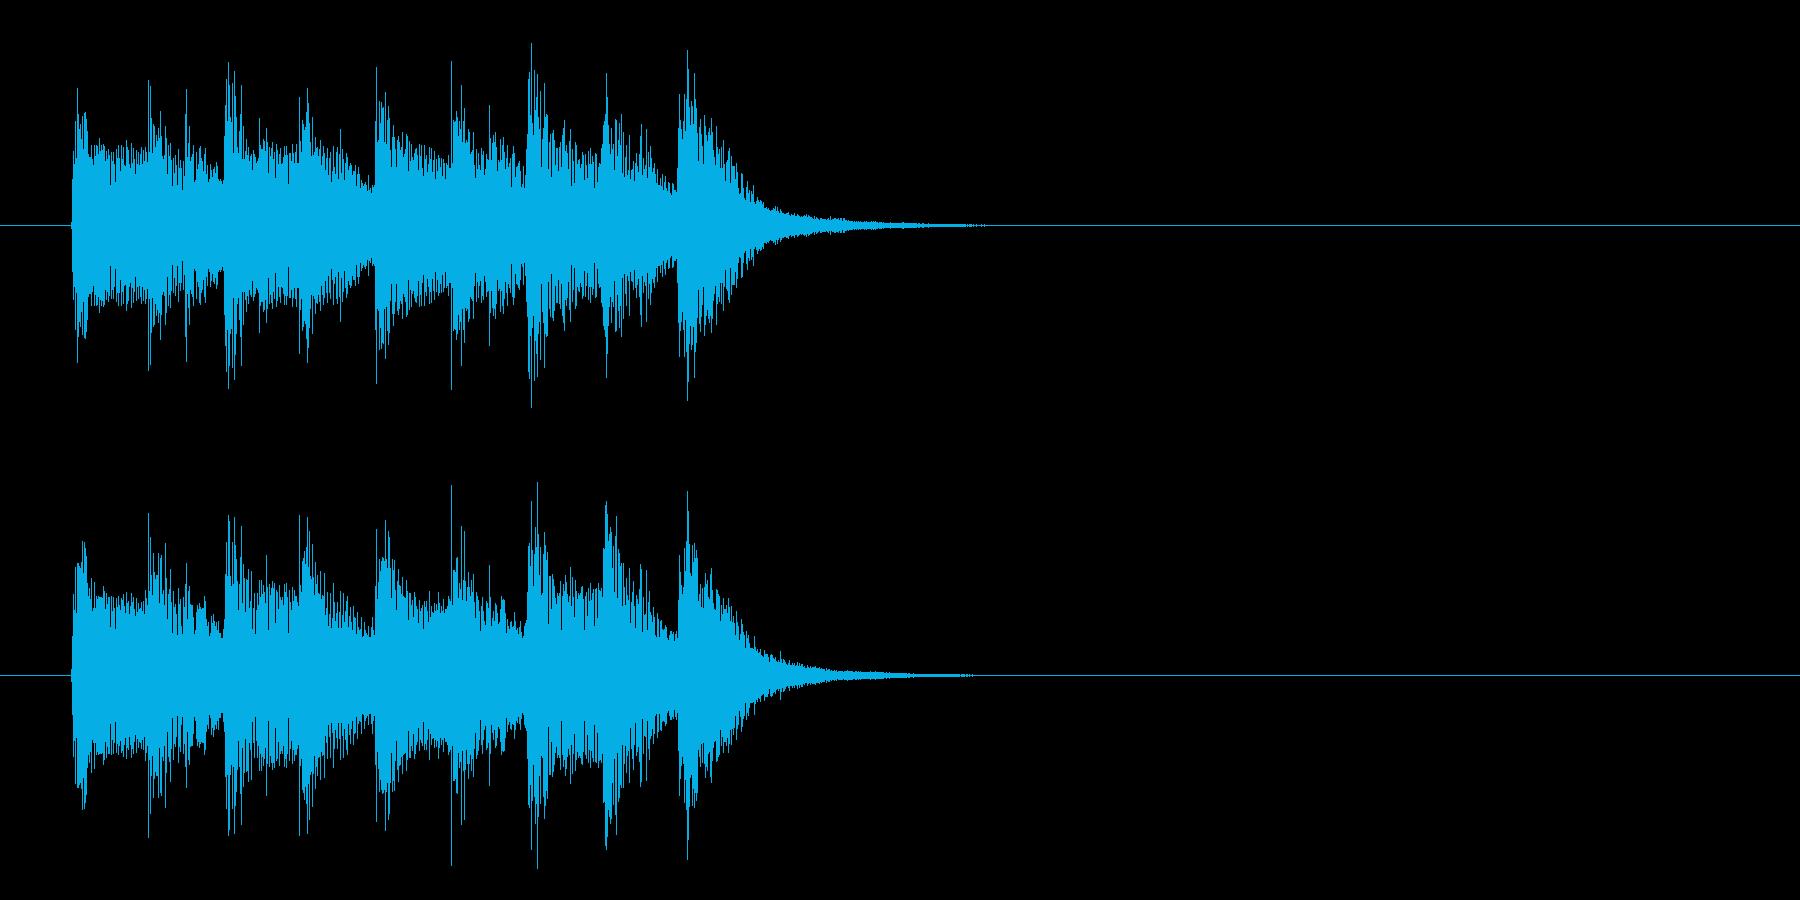 コーナー・タイトル風ワールド音楽の曲の再生済みの波形